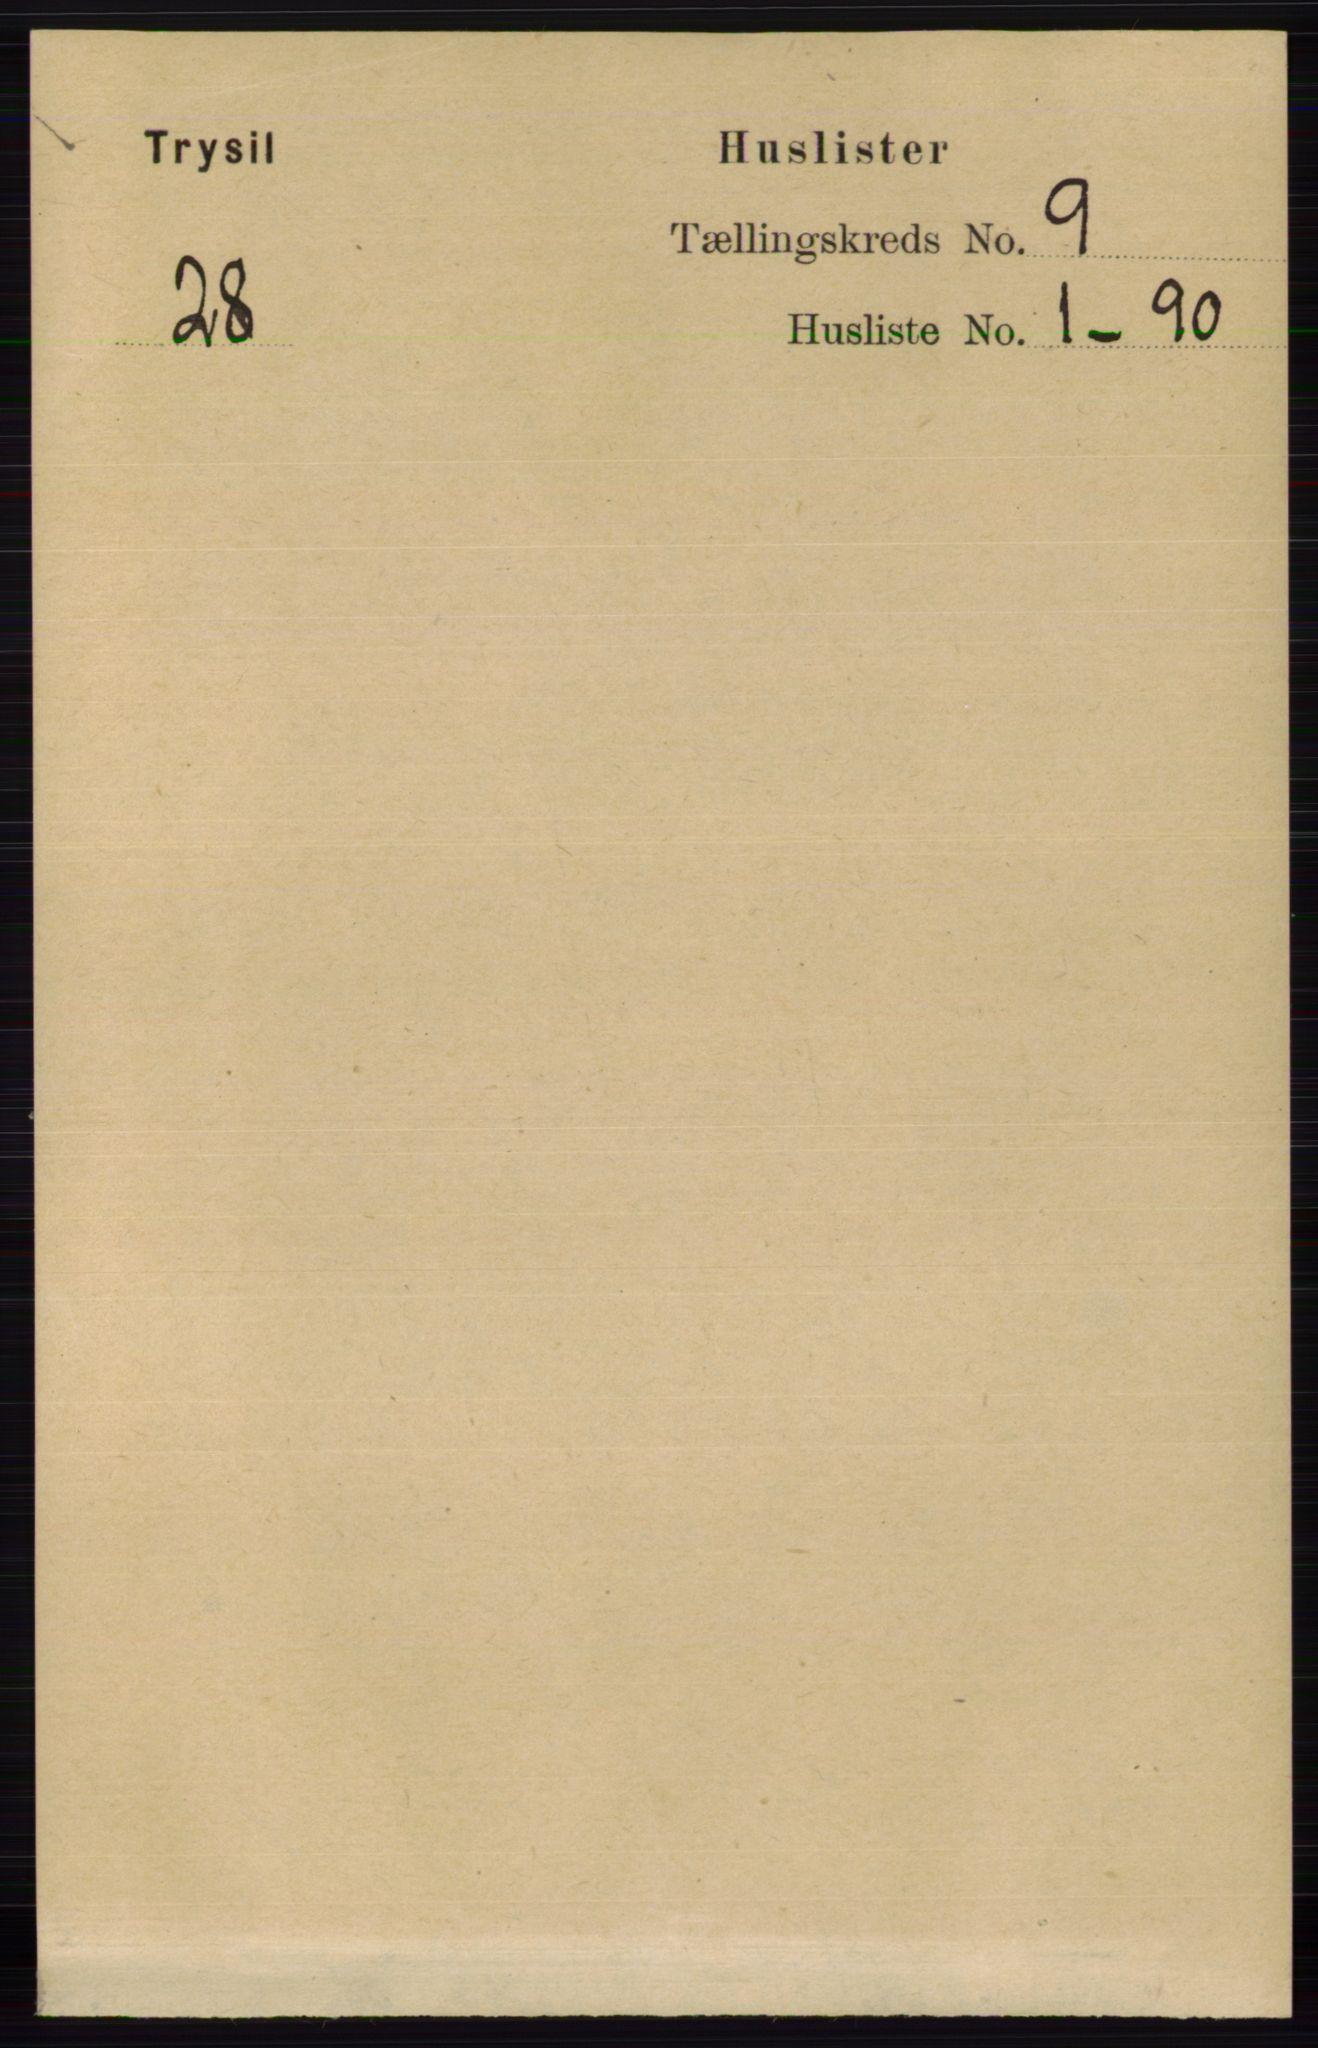 RA, Folketelling 1891 for 0428 Trysil herred, 1891, s. 4094